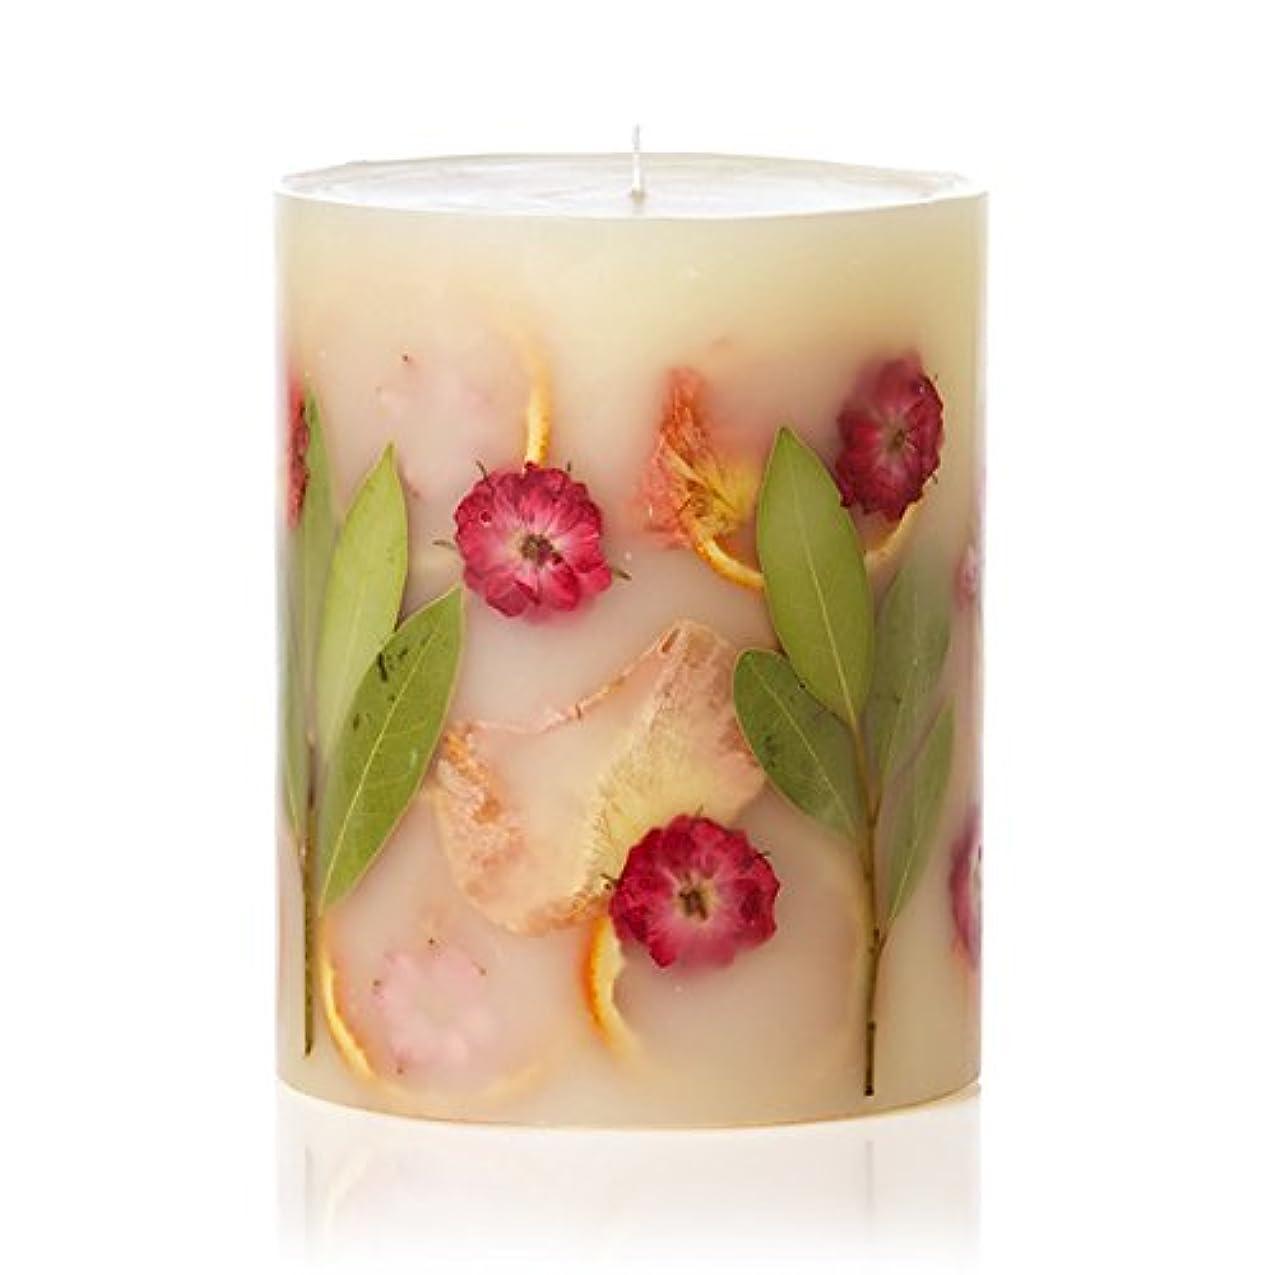 カタログ治世実り多いロージーリングス ボタニカルキャンドル トールラウンド ピオニー&ポメロ ROSY RINGS Round Botanical CandleTall Round Peony & Pomelo